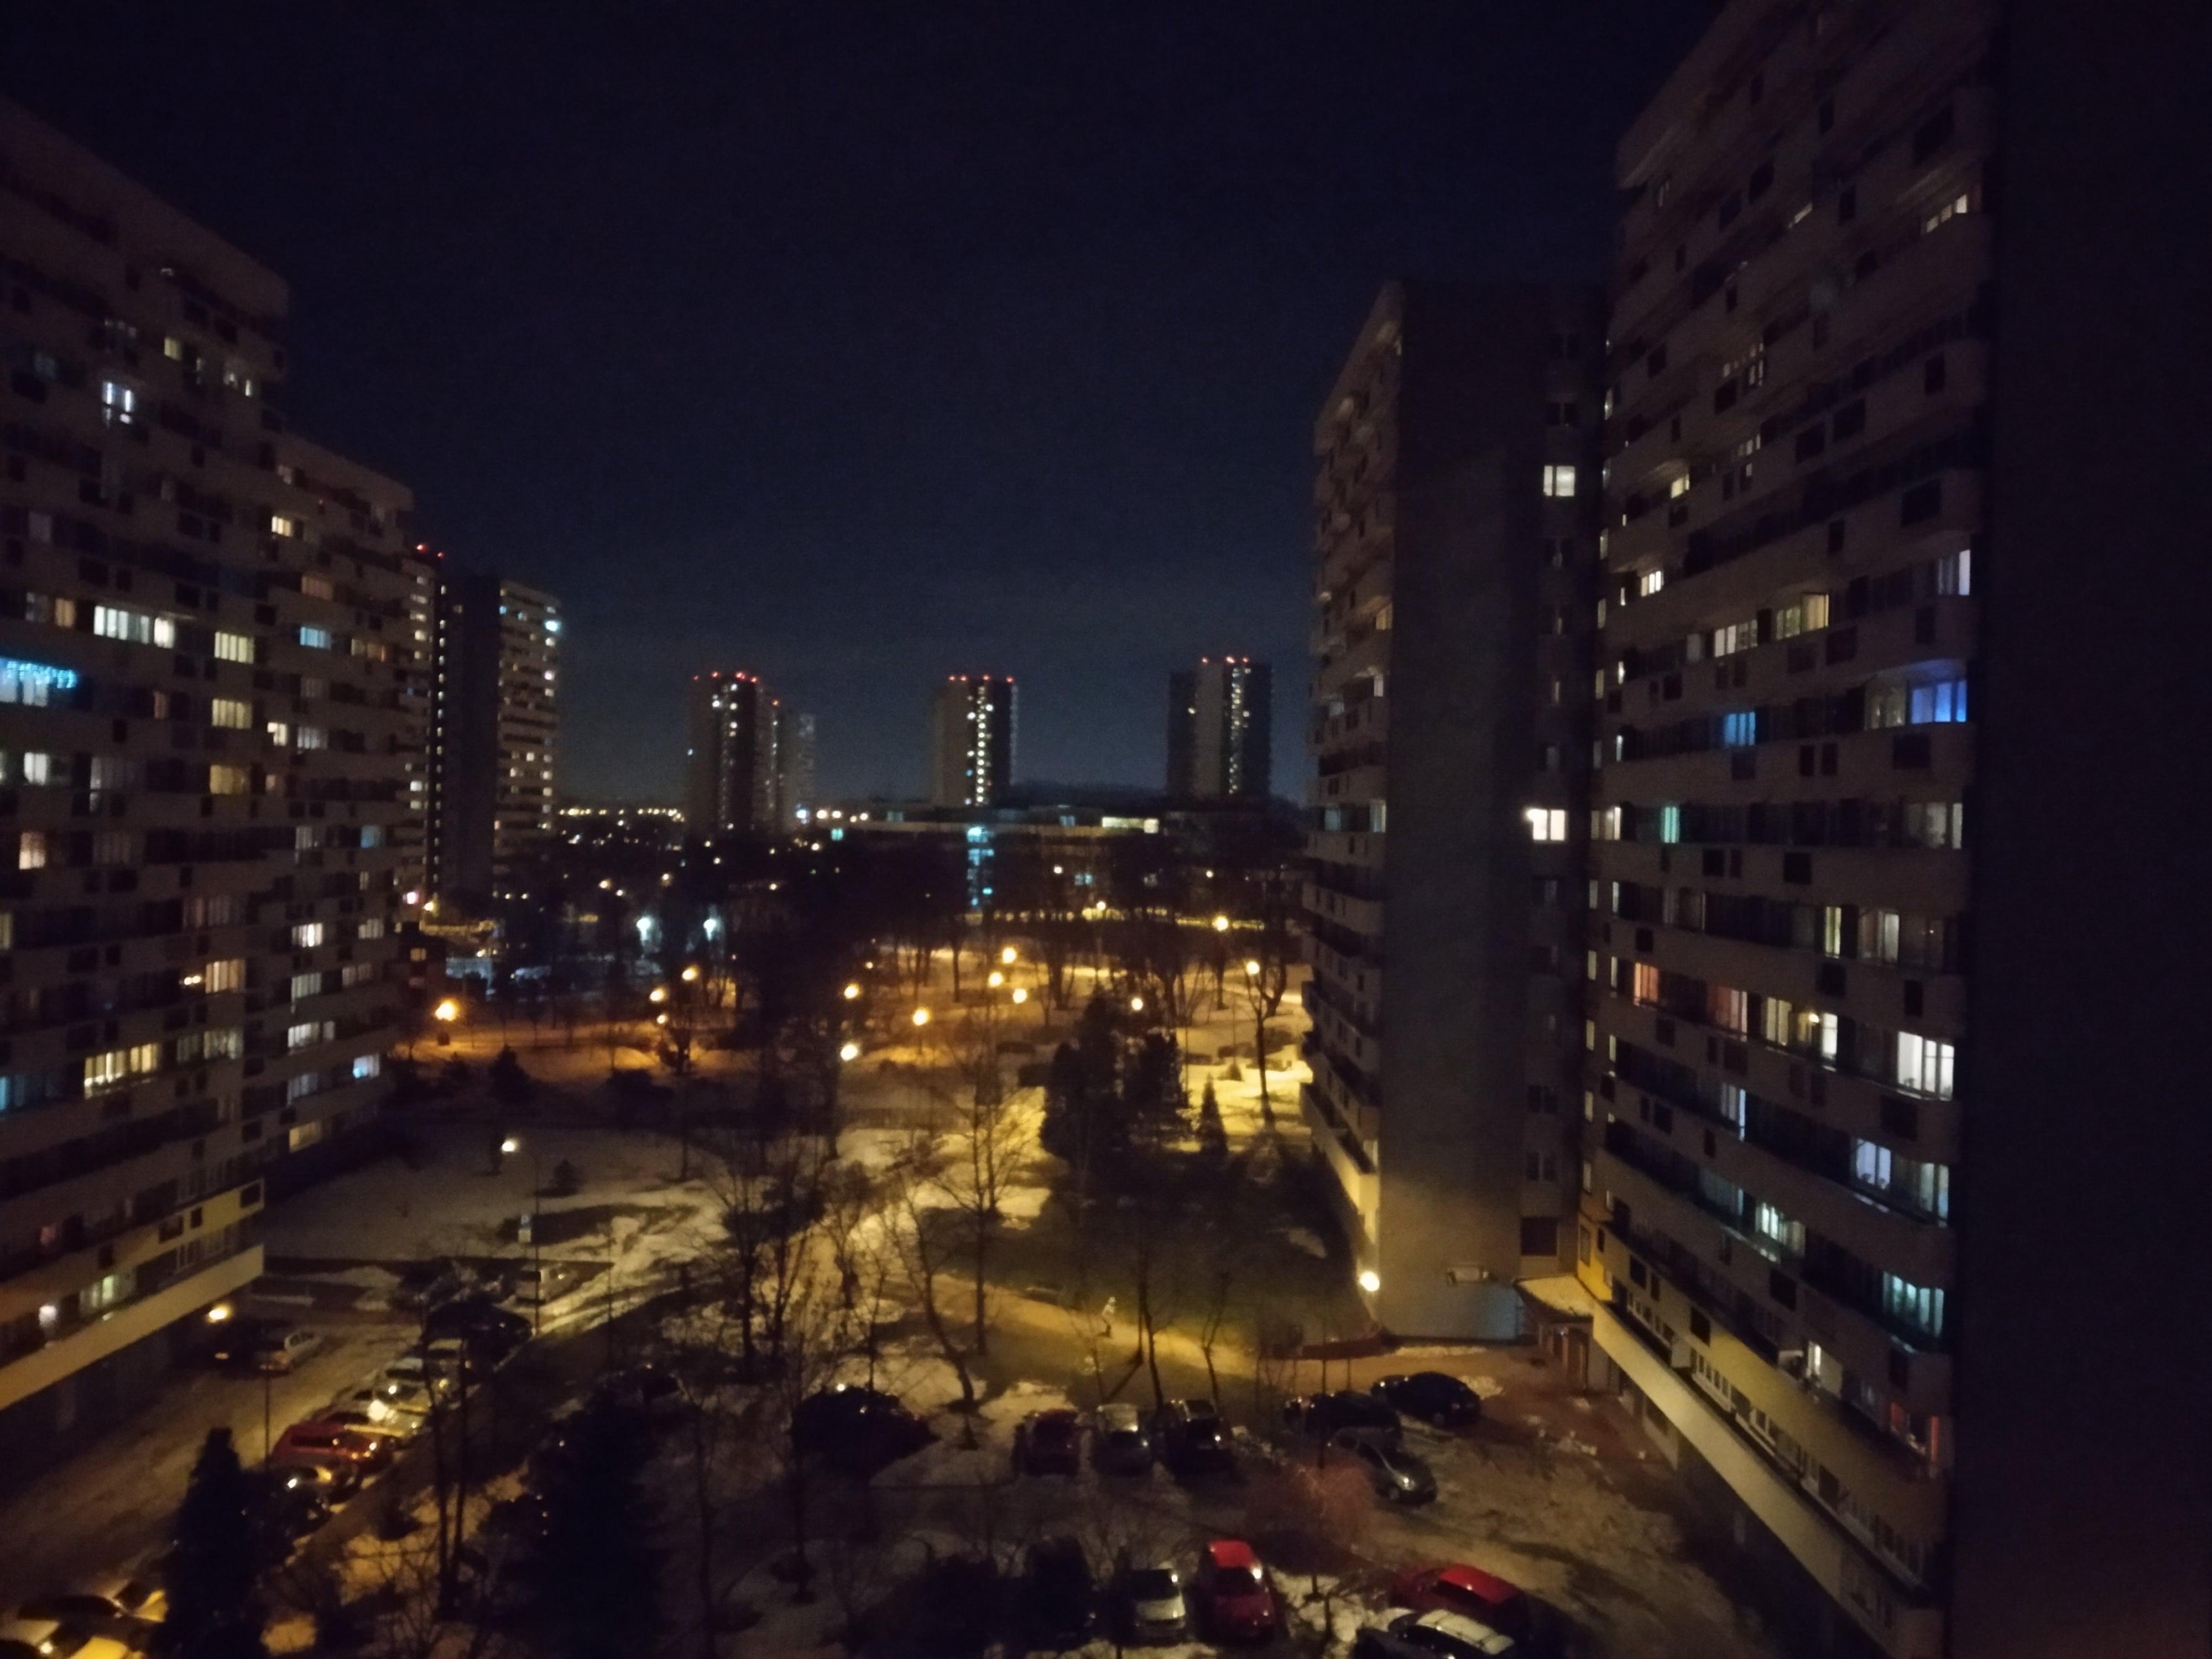 Zdjęcia nocne - Xiaomi Mi A2 Lite